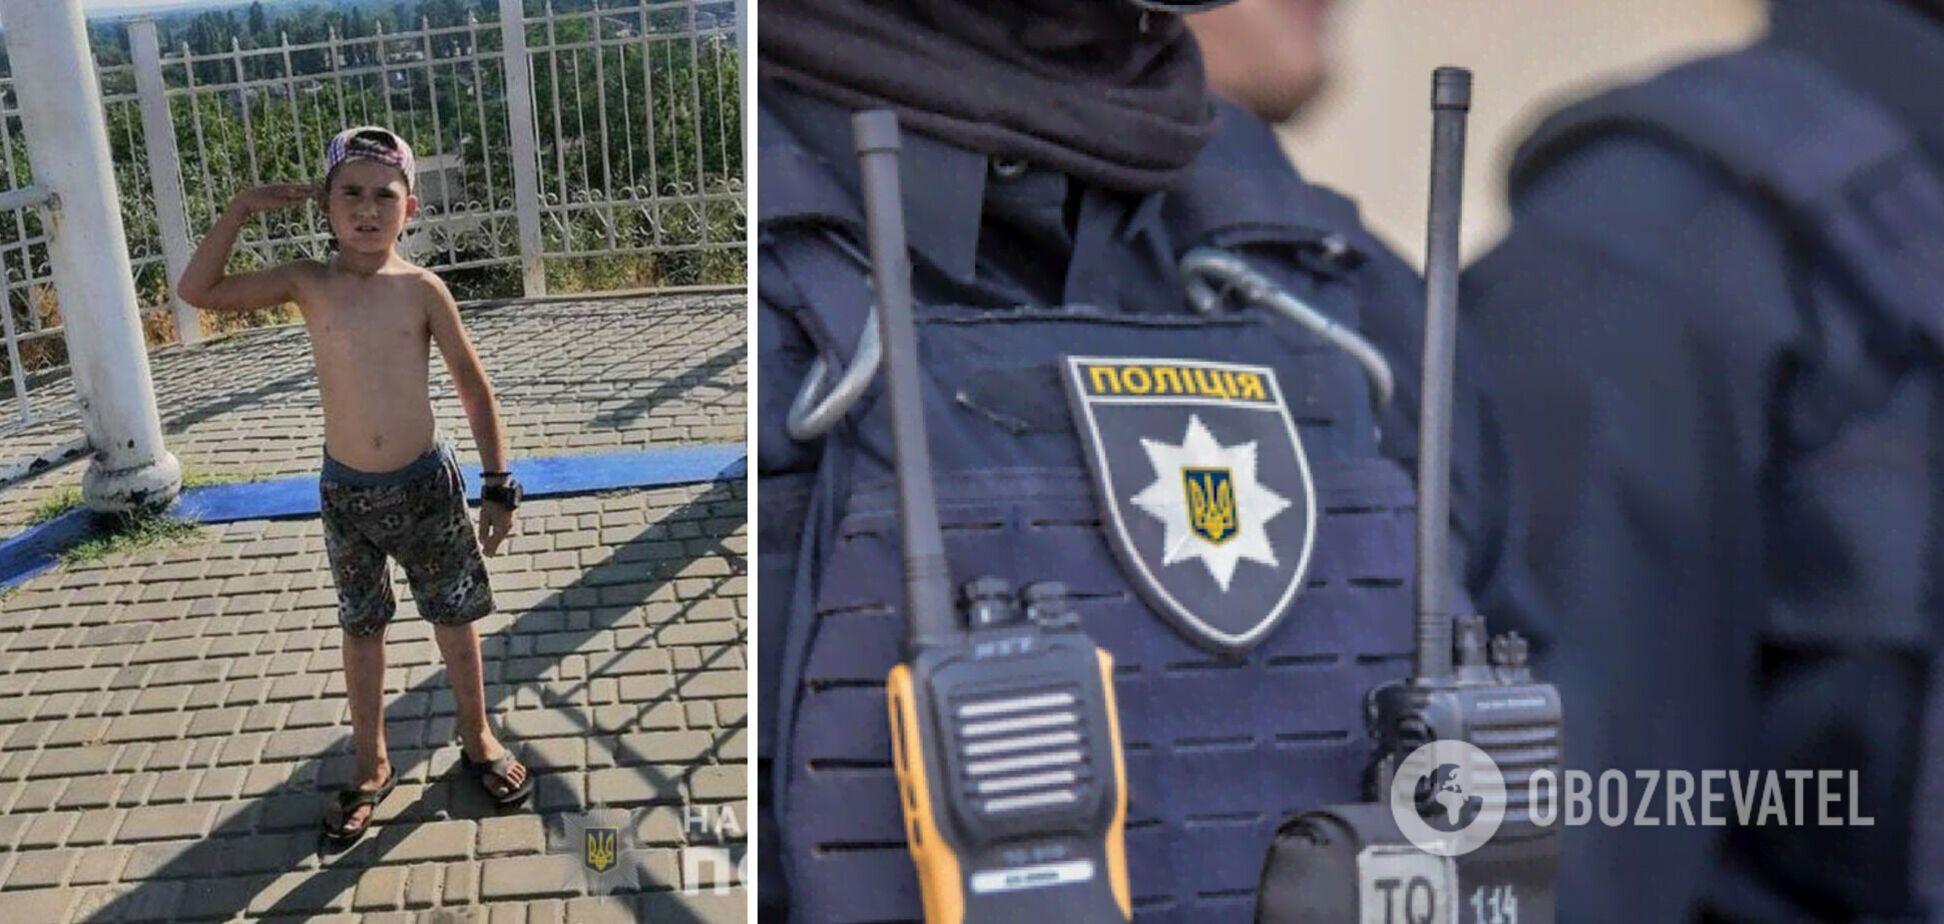 Под Полтавой пропал 8-летний мальчик, на его поиски полиция бросила все силы. Фото